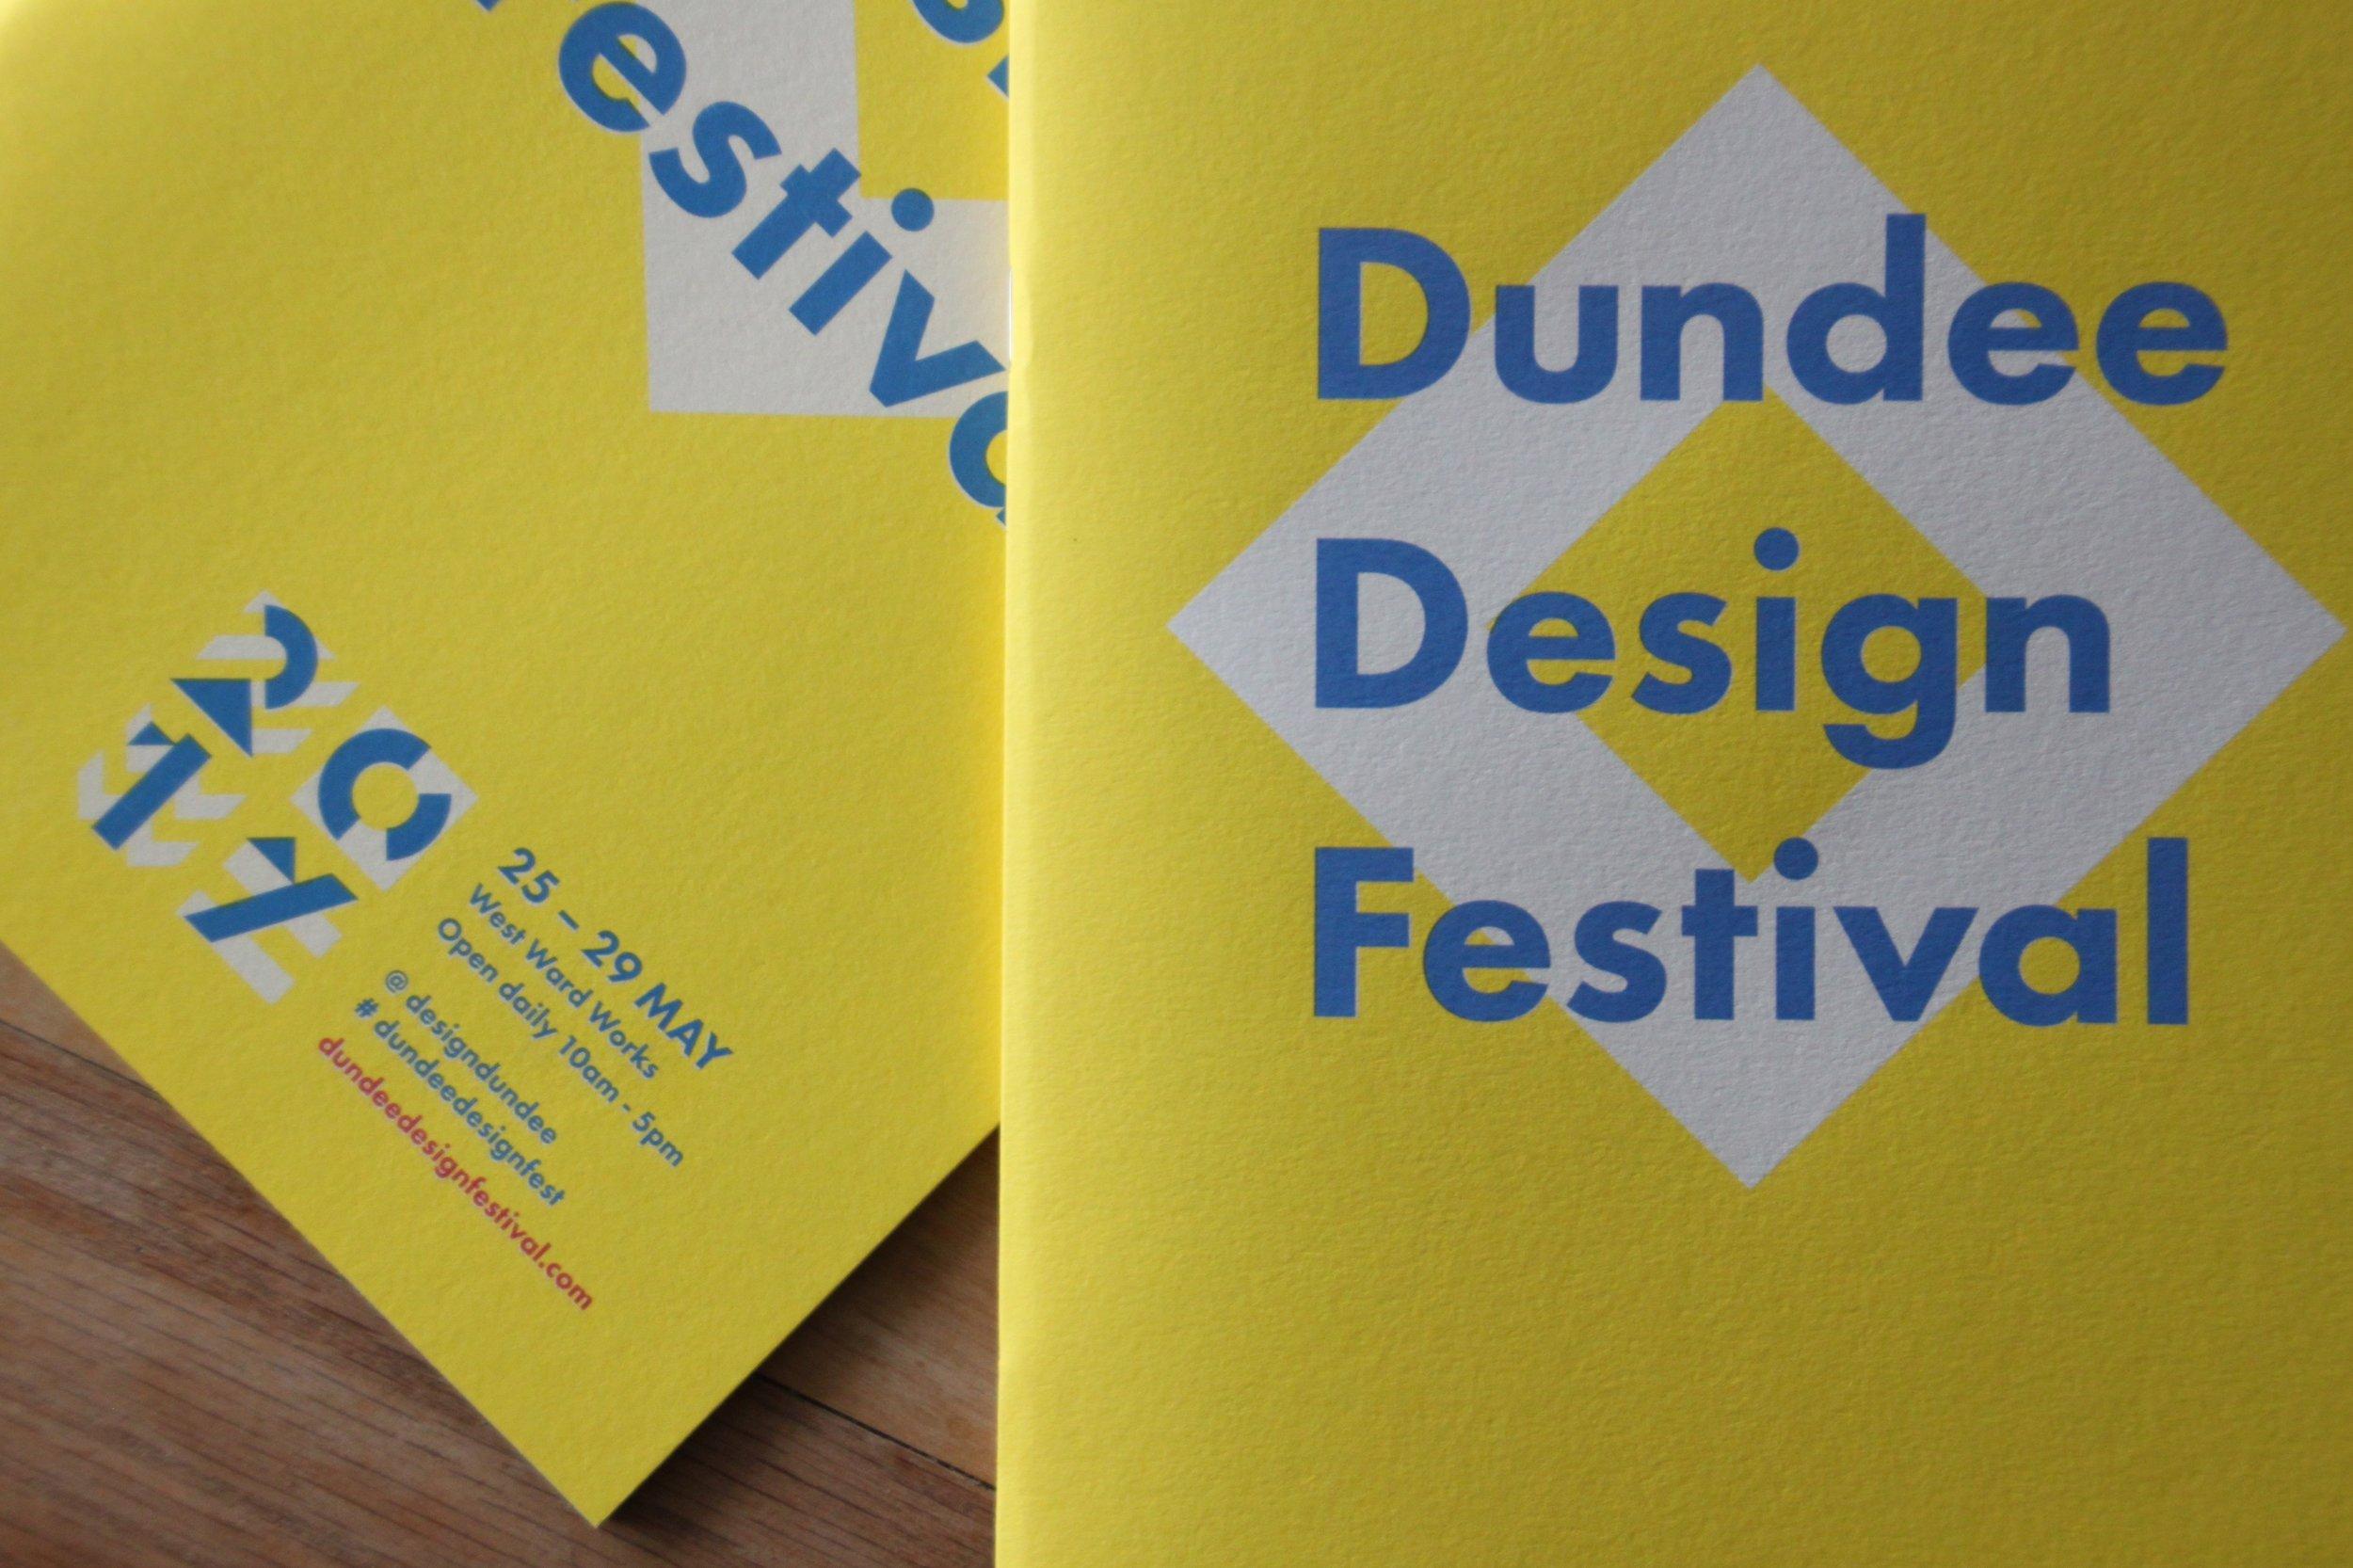 dundee design festival.jpg